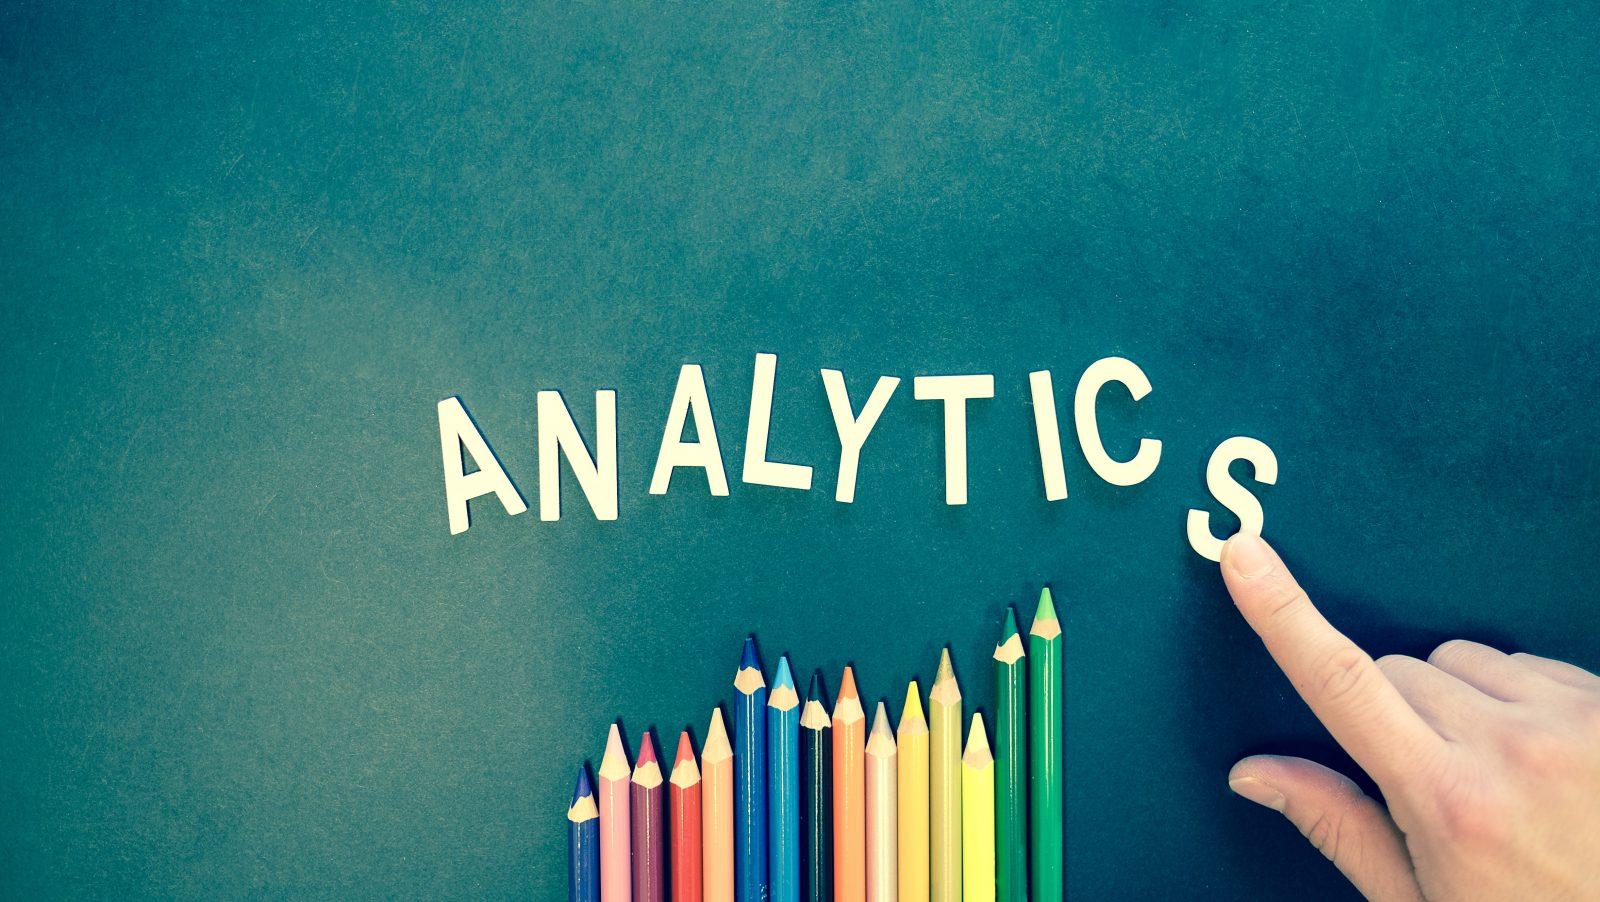 Migliora il tuo blog con statistiche e metriche  - Migliora il tuo blog con statistiche e metriche - Migliora il tuo blog con statistiche e metriche